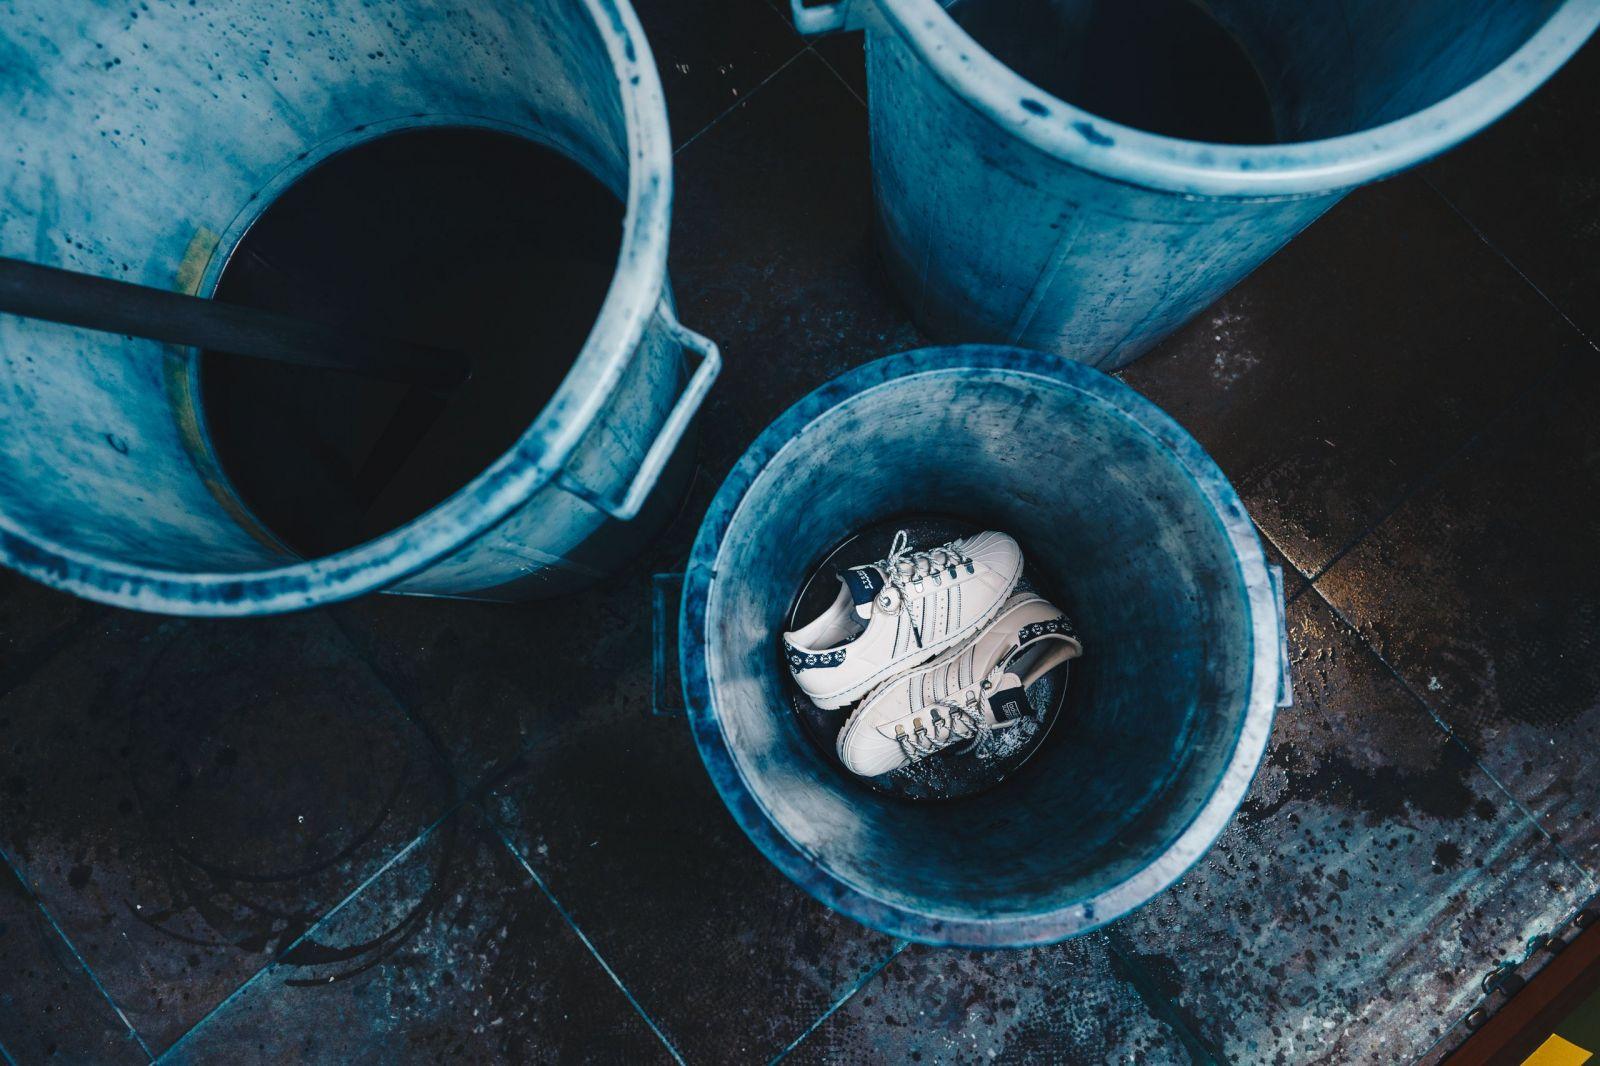 50. výročie siluety Superstar oslavuje adidas spoluprácou s Footshopom, ktorá je v znamení modrotlače